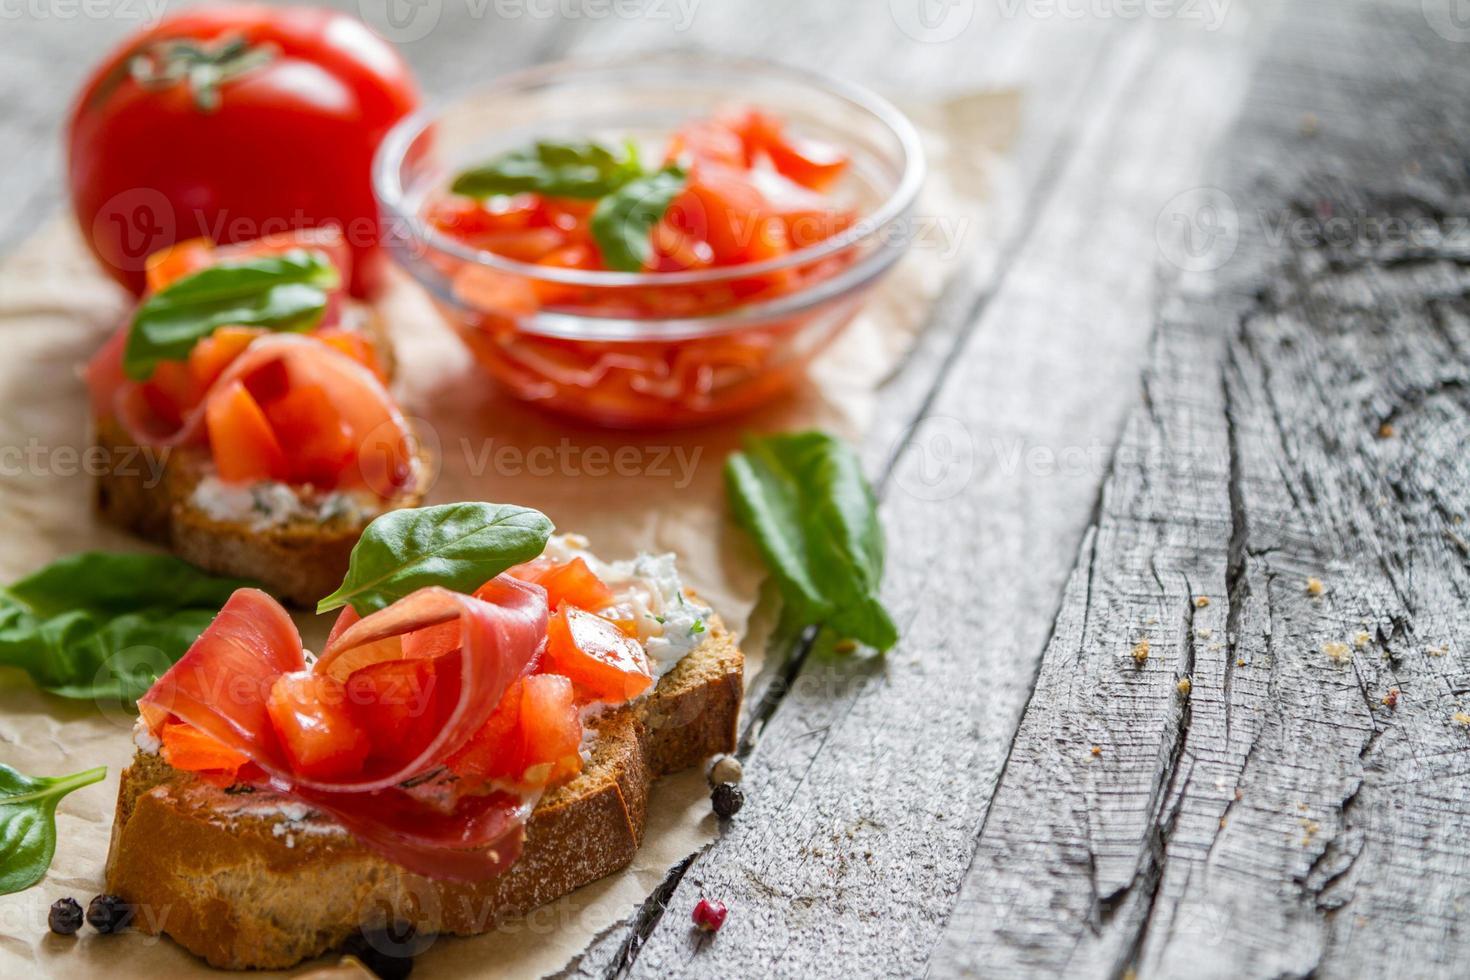 Tomato bruschetta and ingredients - bread, tomato, hamon photo